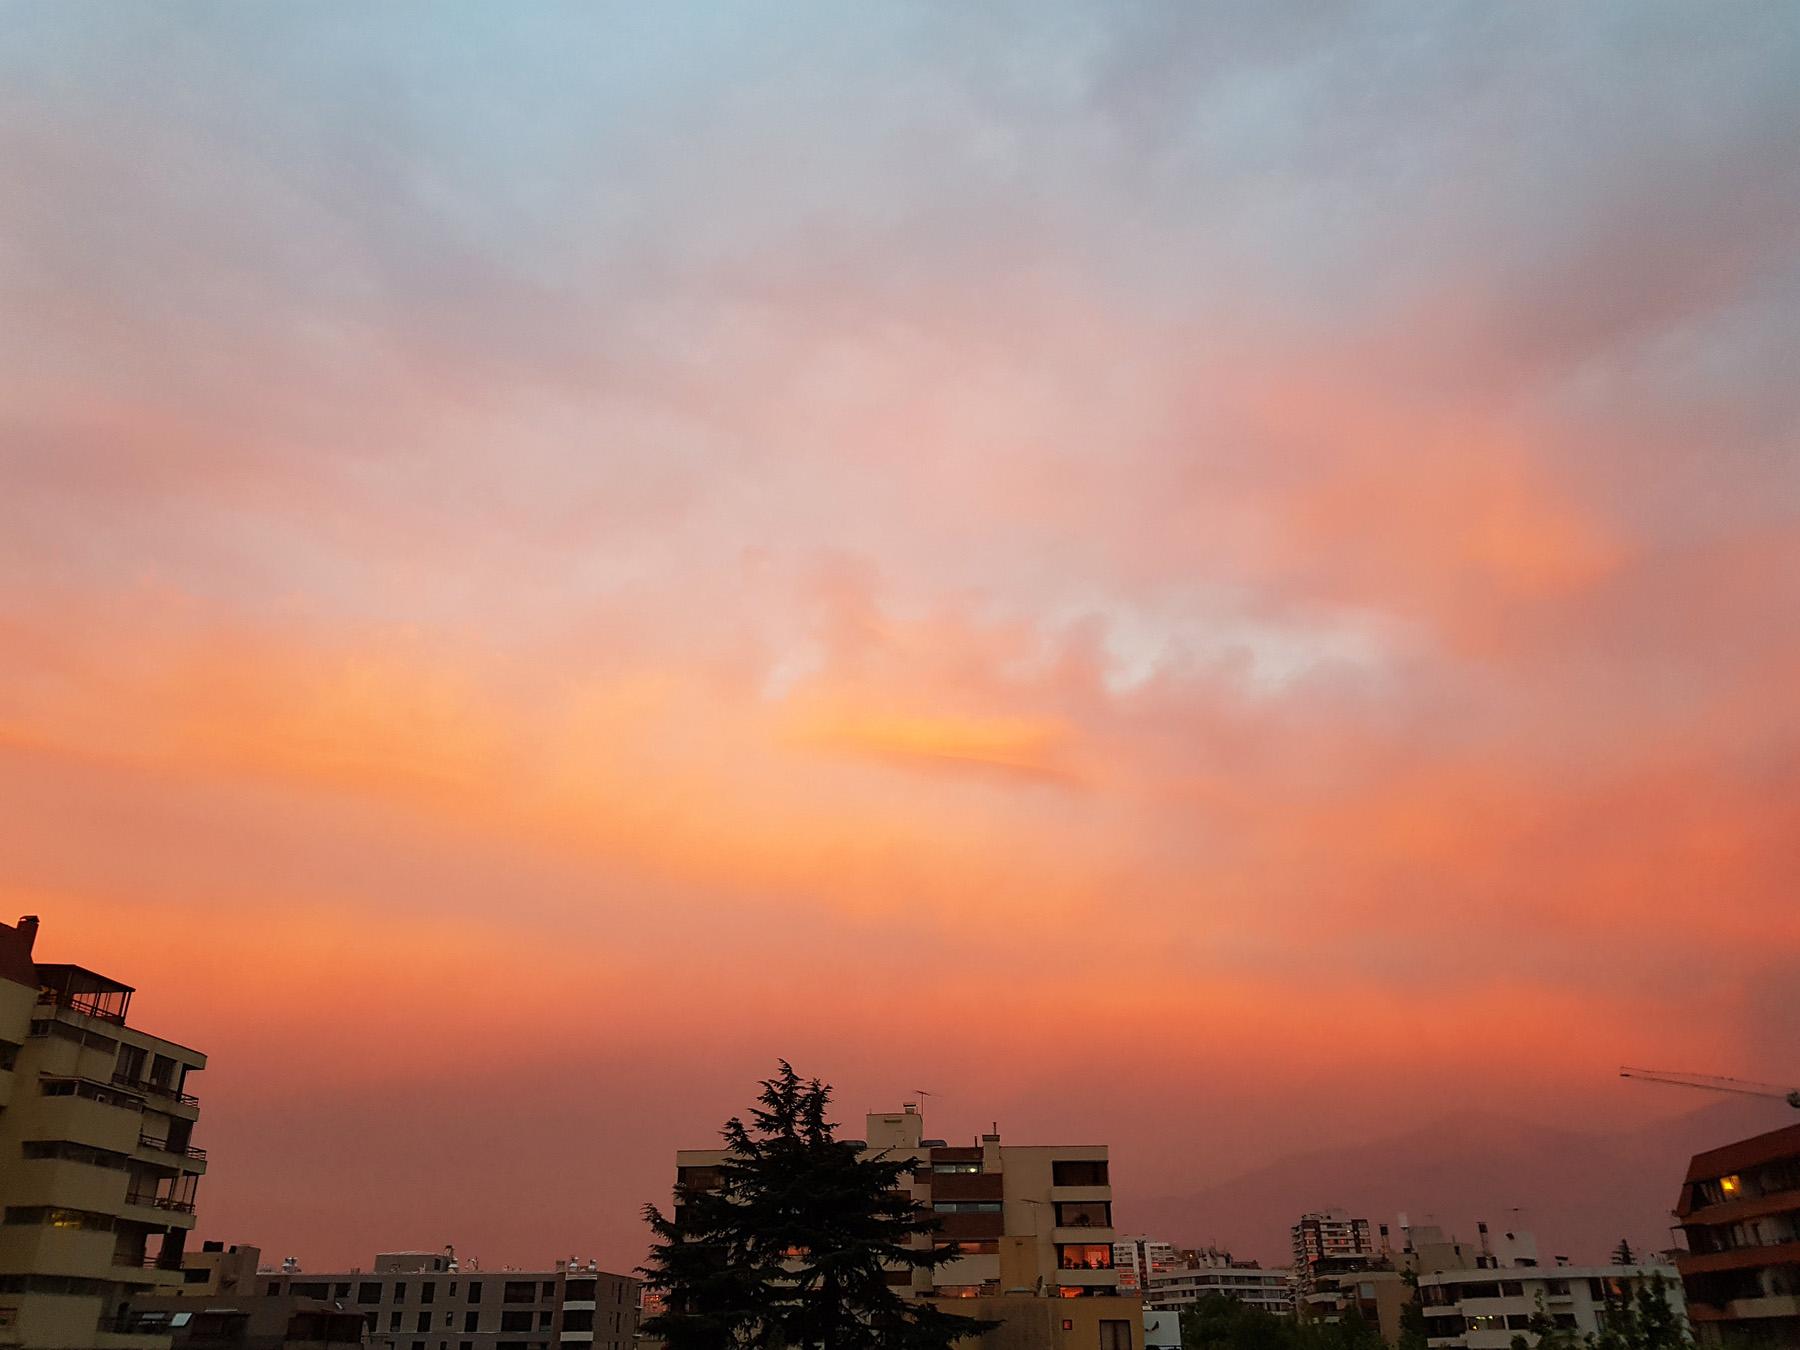 Sonnenuntergang, 20 Uhr Ortszeit. Blick vom Balkon